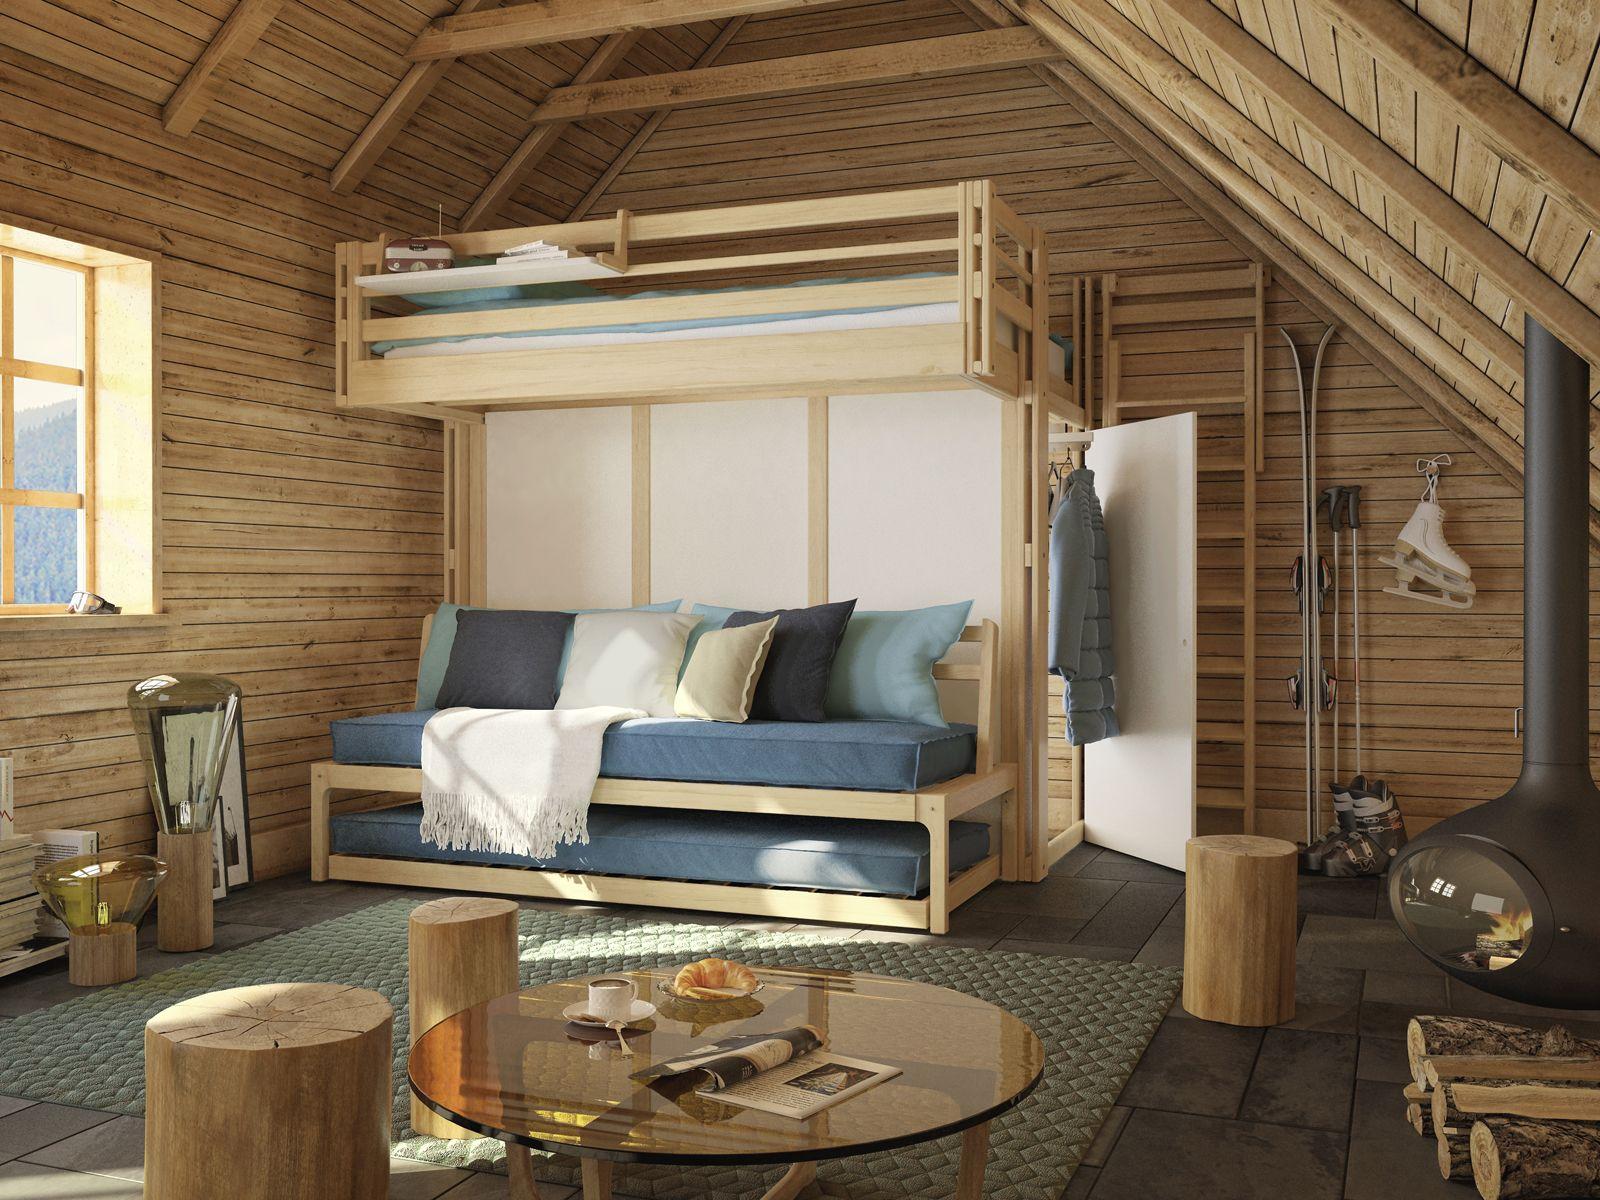 Comment Rehausser Un Lit Trop Bas Beau Photos La Mezzanine attique Parfaite Pour Sa Résidence  La Montagne